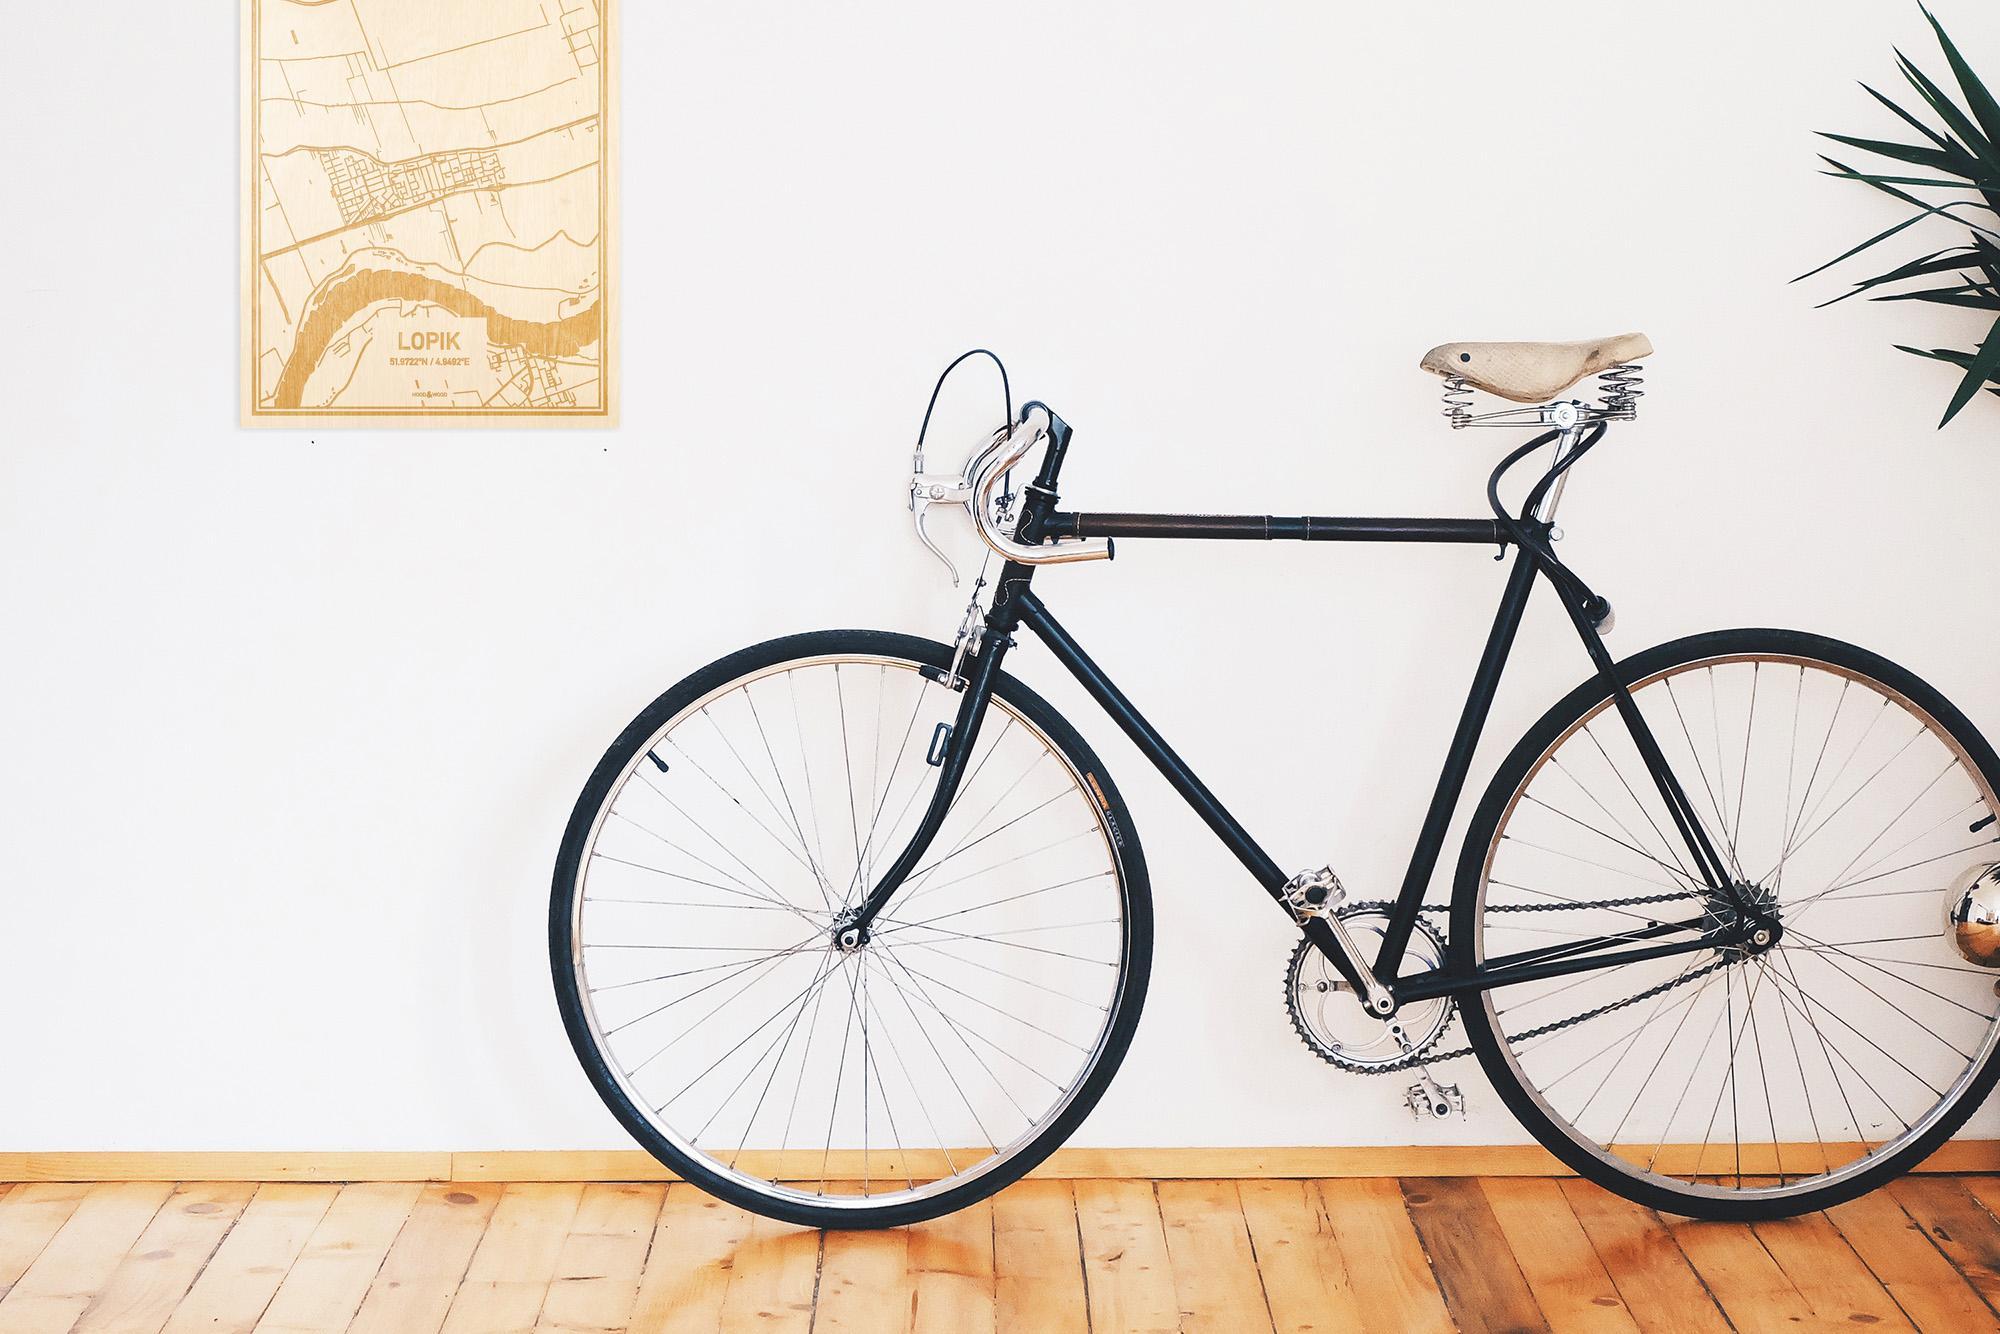 Een snelle fiets in een uniek interieur in Utrecht met mooie decoratie zoals de plattegrond Lopik.